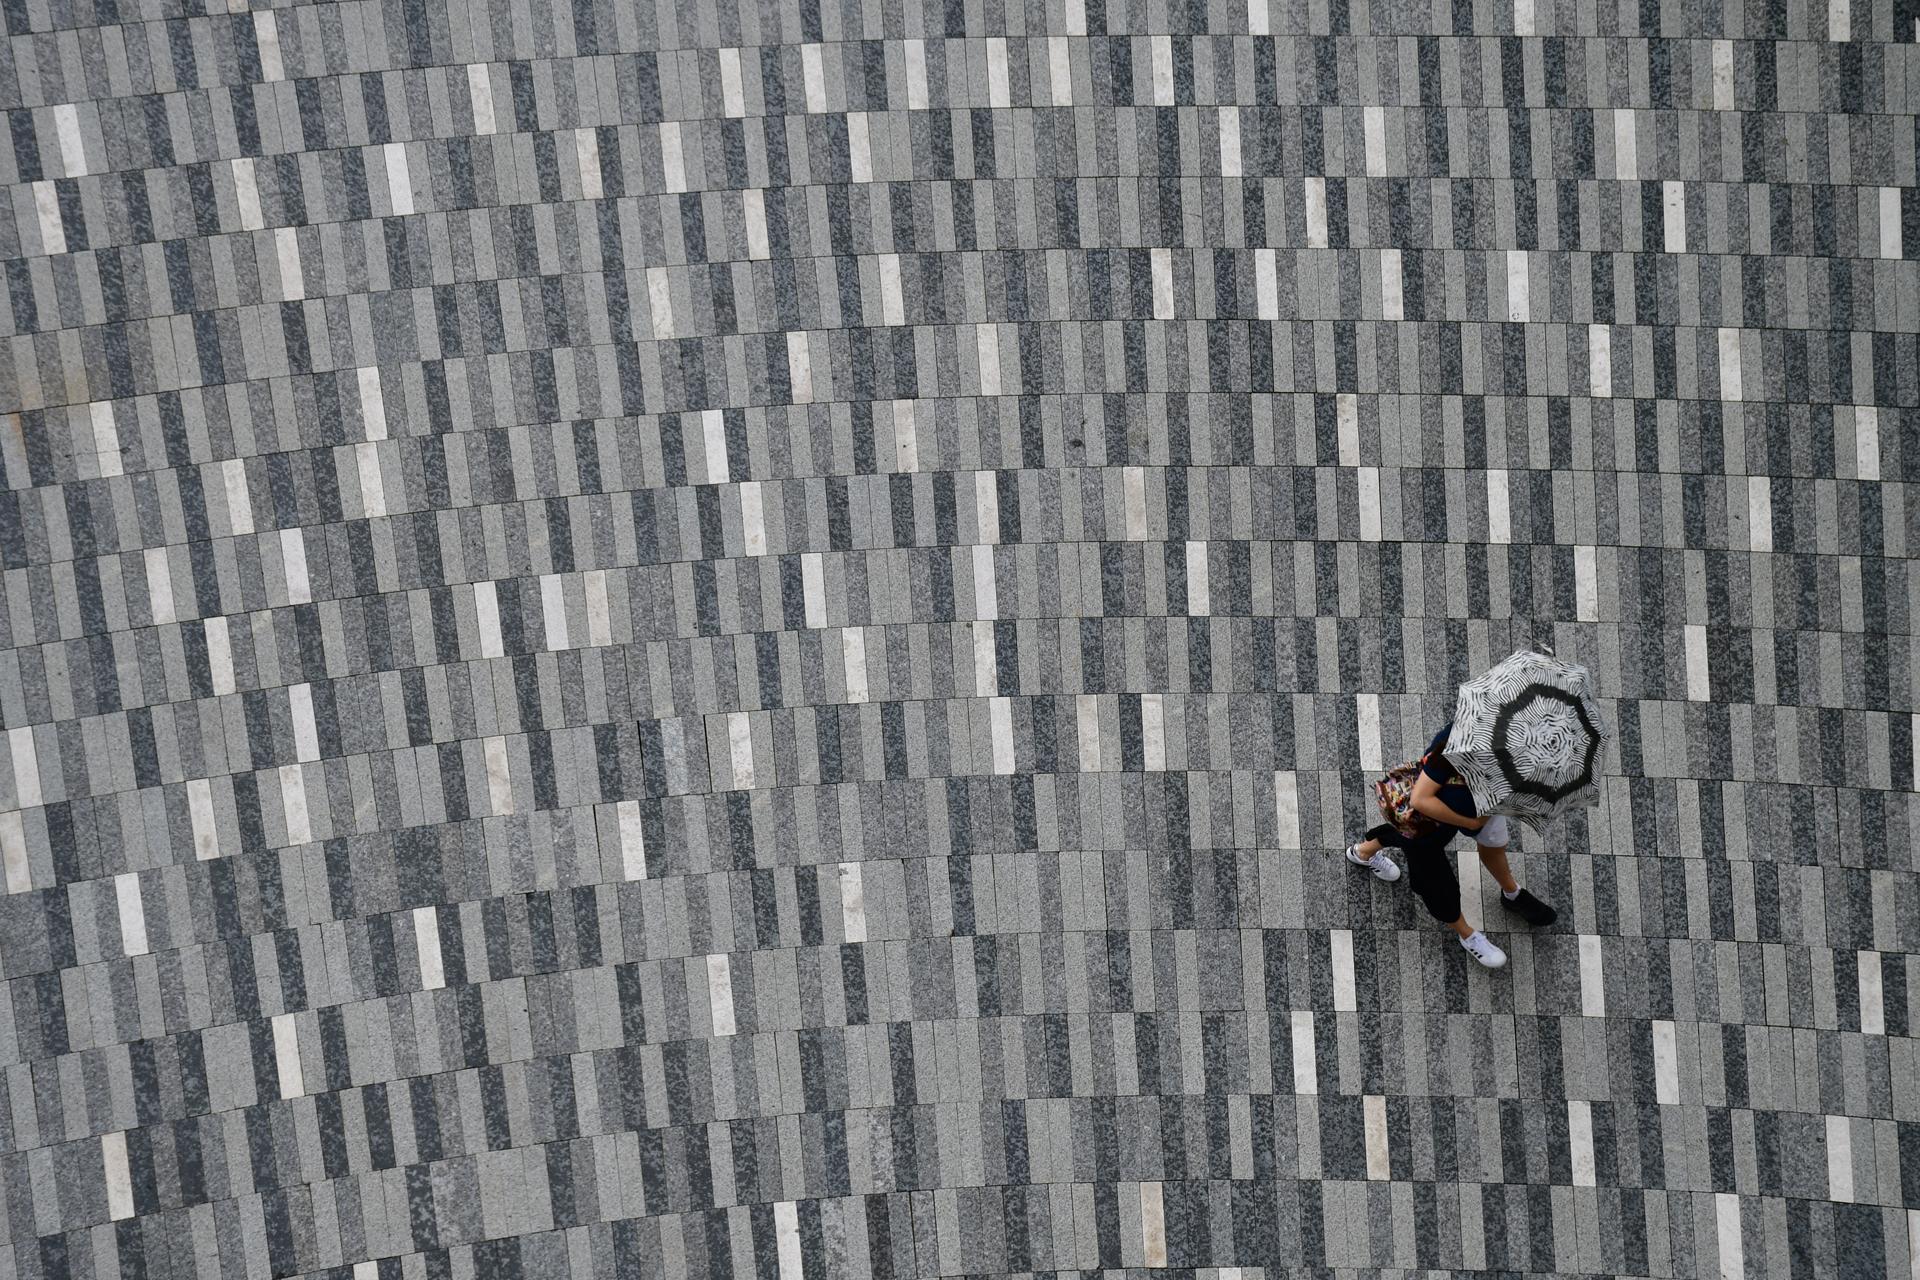 פסיפס אנושי - ניו יורק - יואל שתרוג - אדמה יוצרת - yoel sitruk